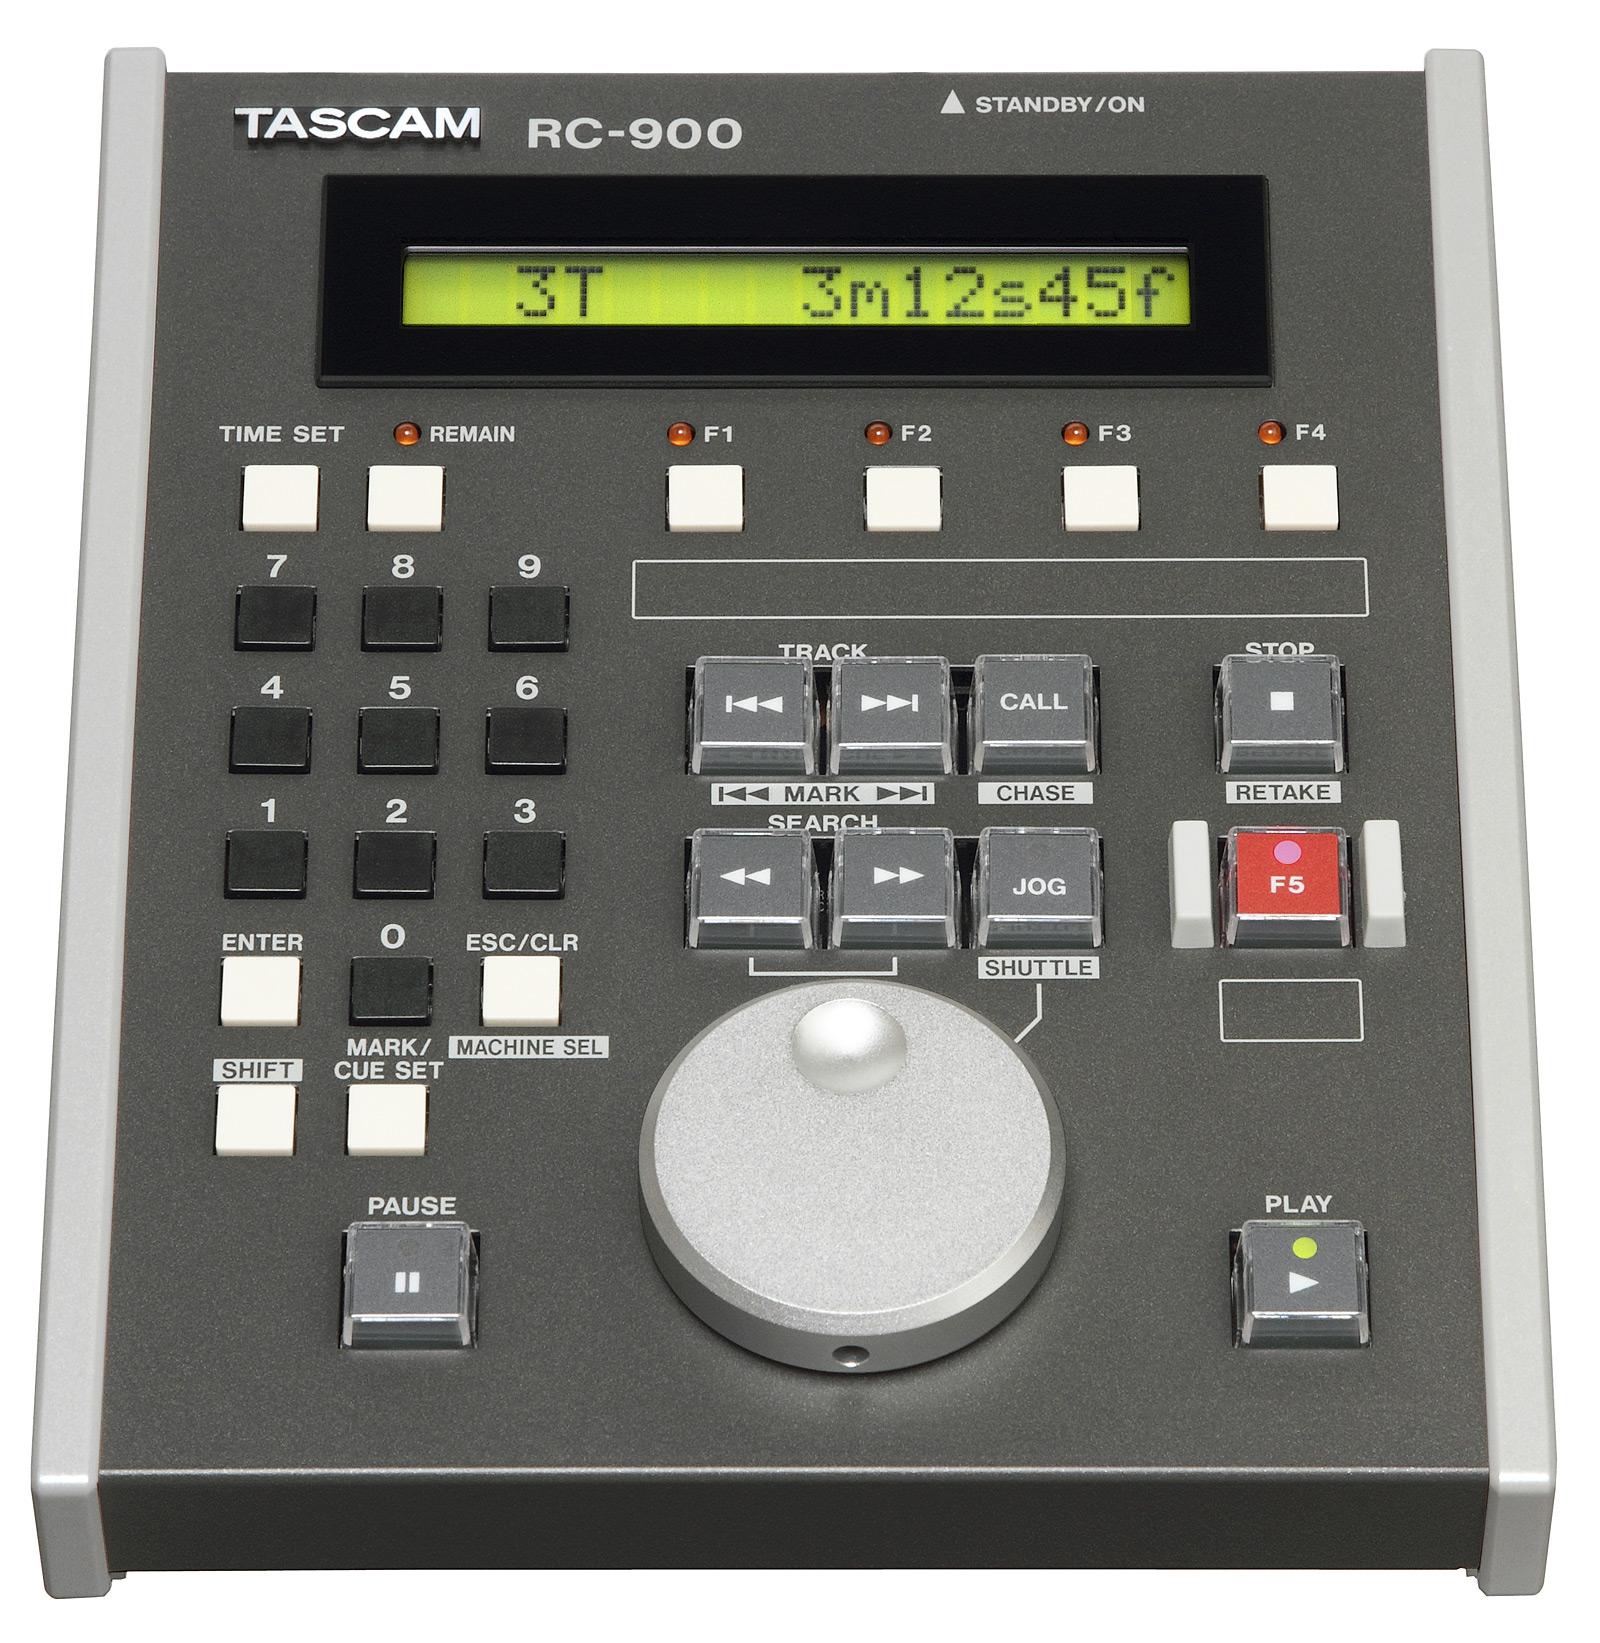 Tascam RC-900 Bord fjernbetjening til Tascam